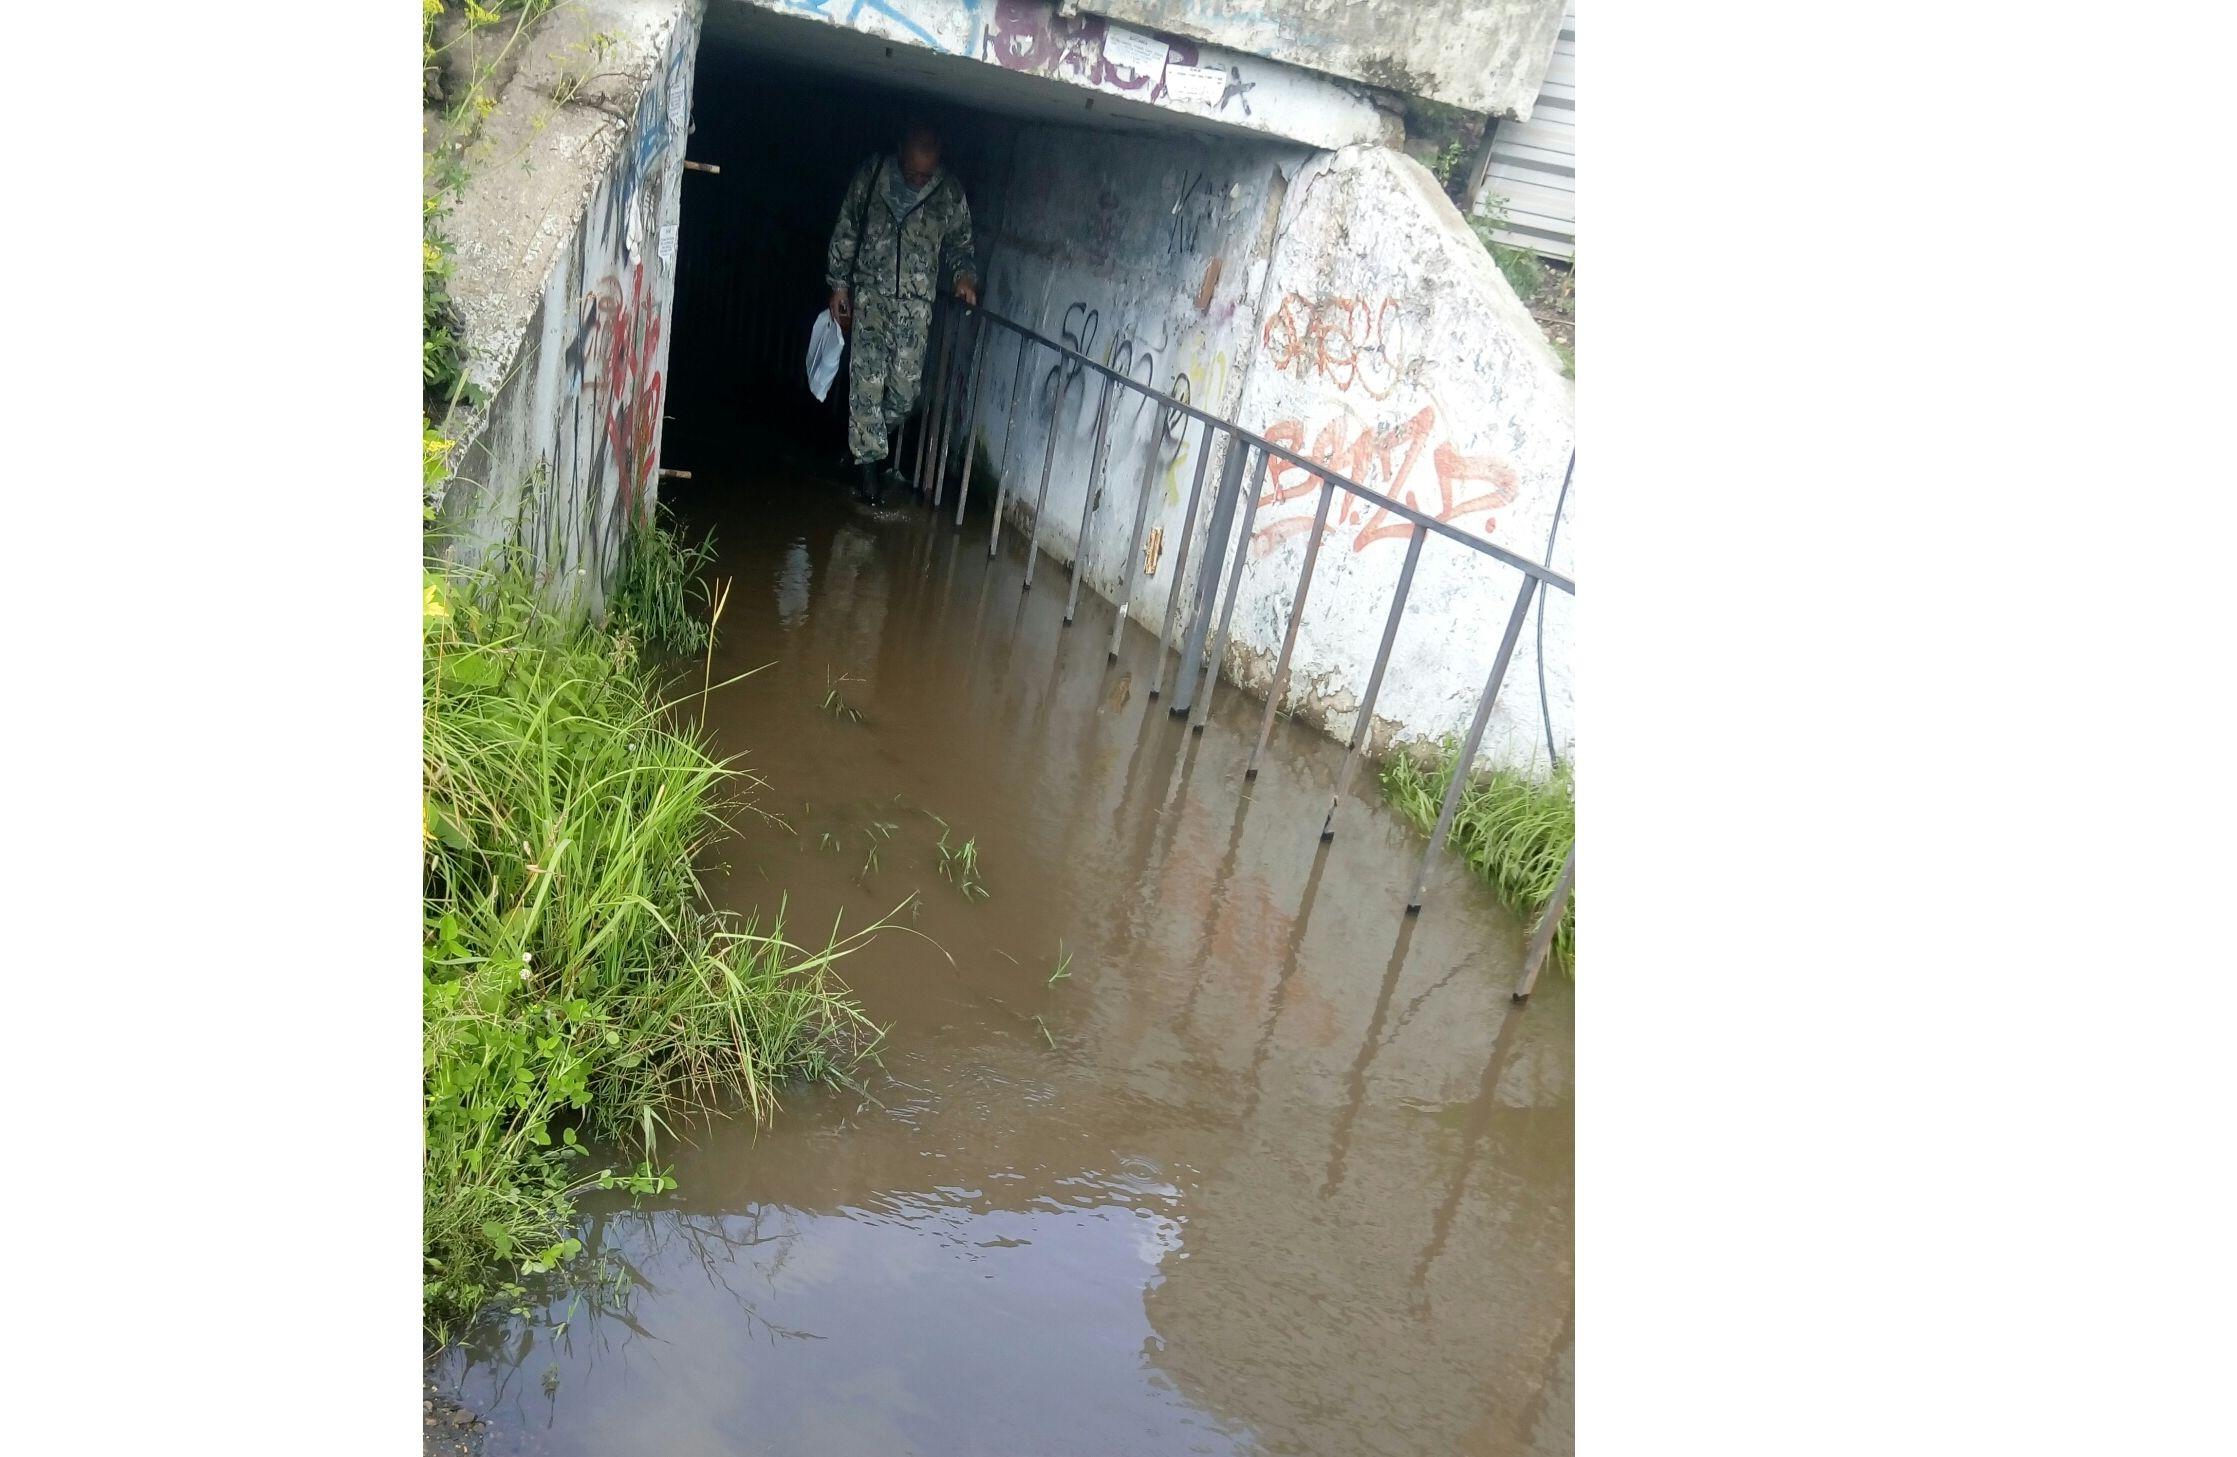 Бабушки идут босиком по железной решетке: в Ярославле затопило единственный переход к остановке